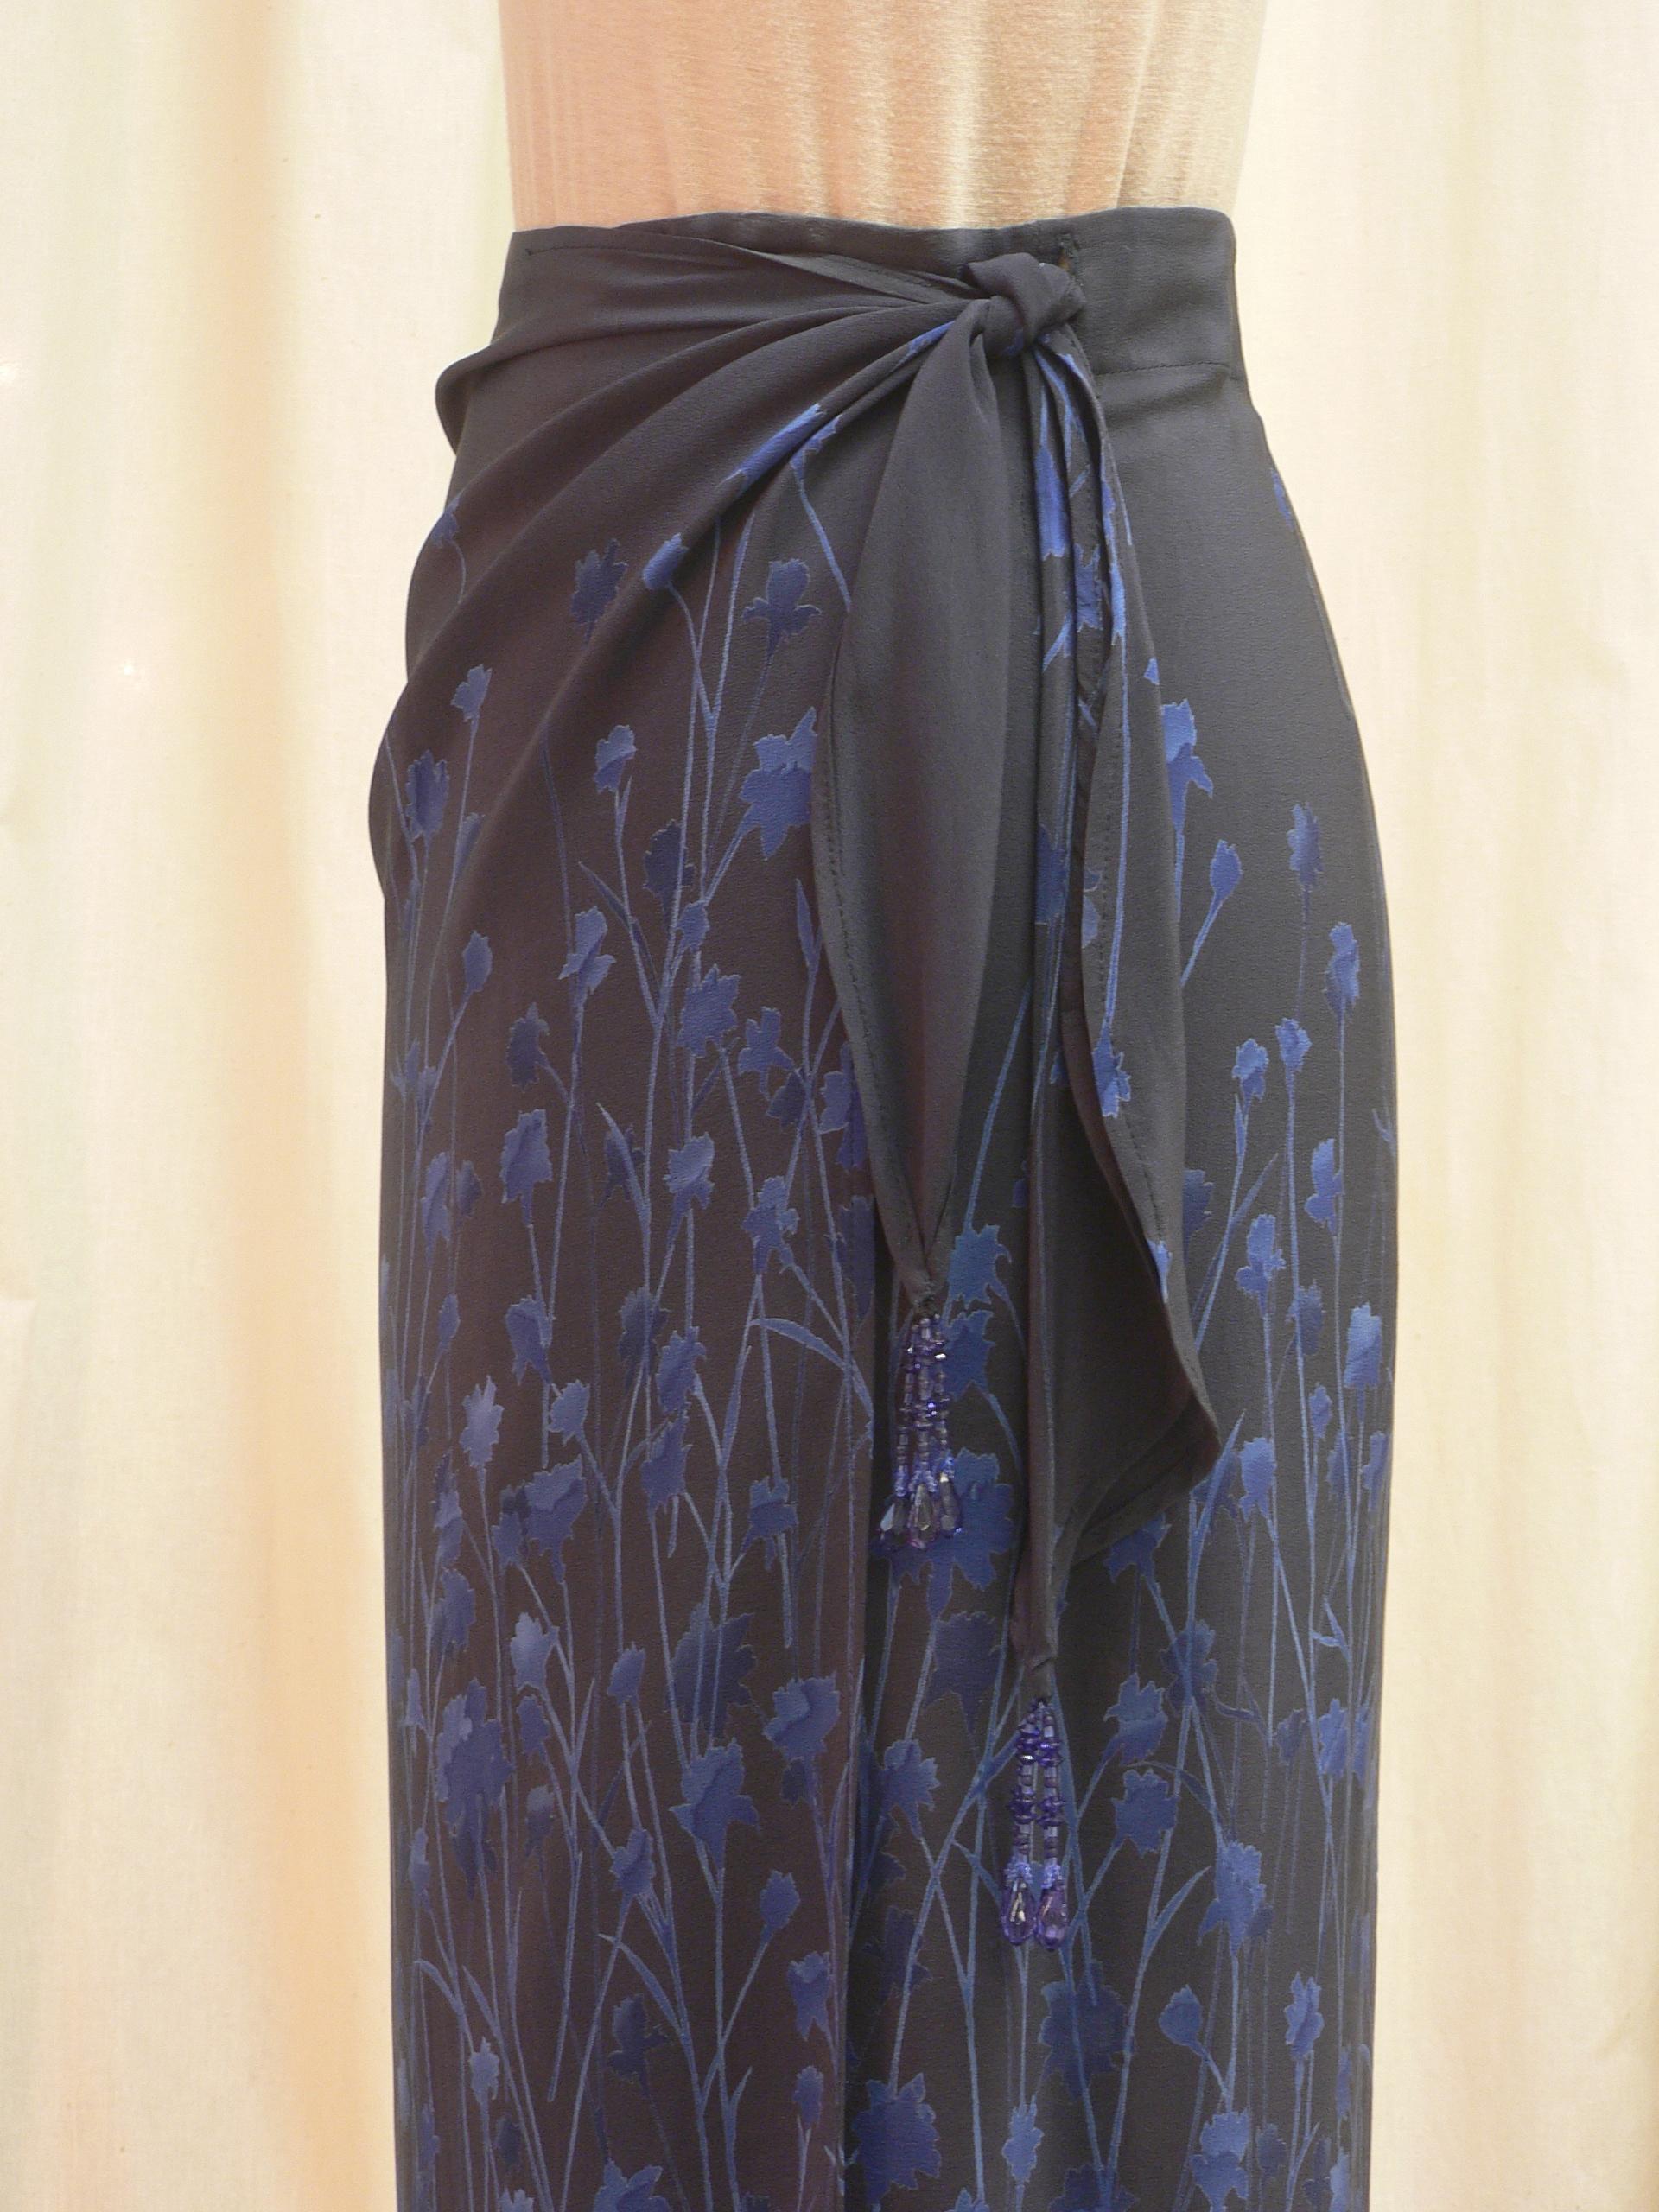 skirt04_side_detail.JPG